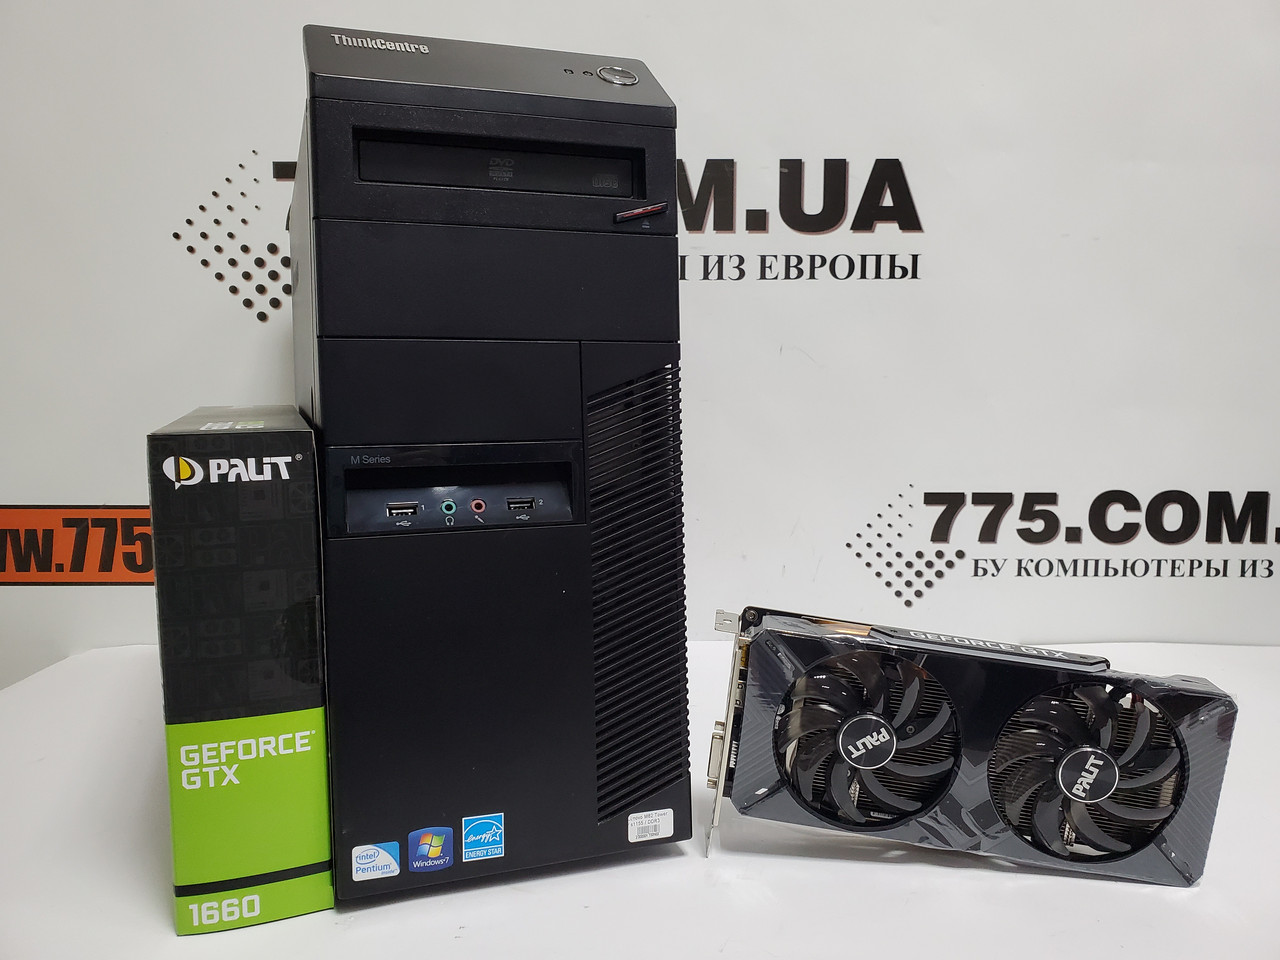 Игровой компьютер Lenovo M82, Intel Core i7-2600 3.8GHz, RAM 8ГБ, SSD 120ГБ, HDD 500ГБ, GeForce GTX 1660 6GB